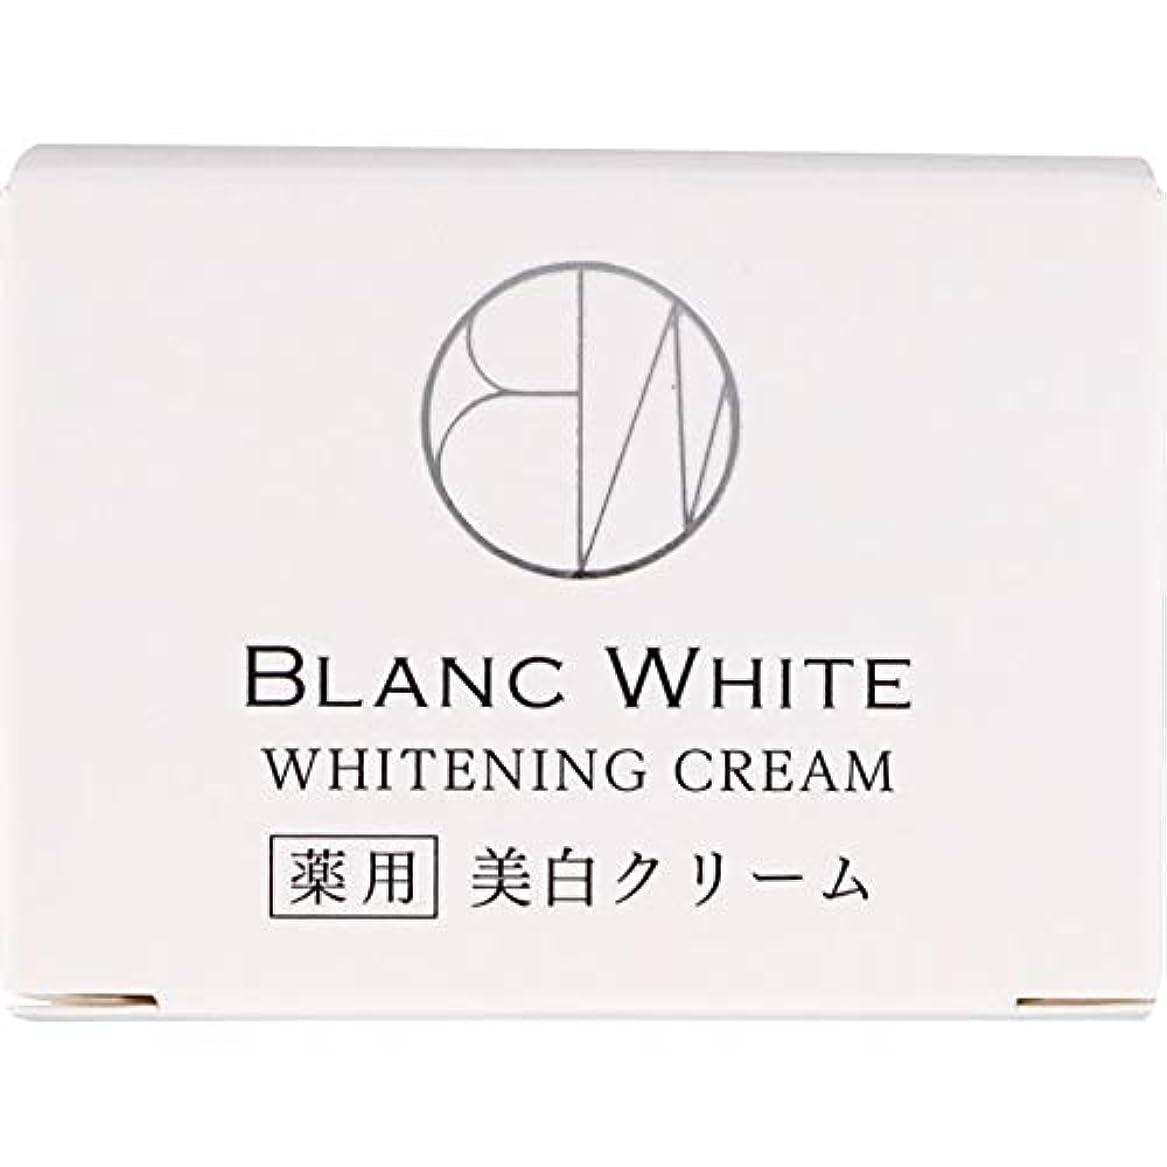 アルカトラズ島脚本出口ブランホワイト ホワイトニング クリーム 45g